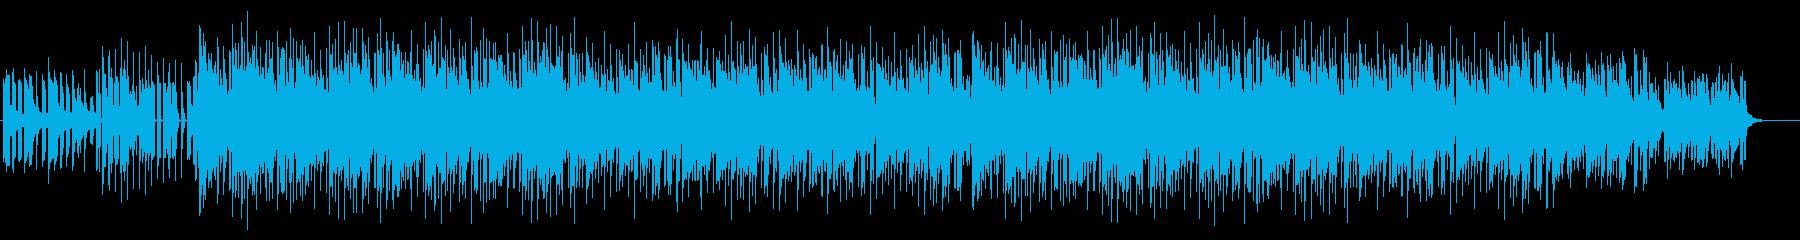 おしゃれな四つ打ち木琴BGMの再生済みの波形